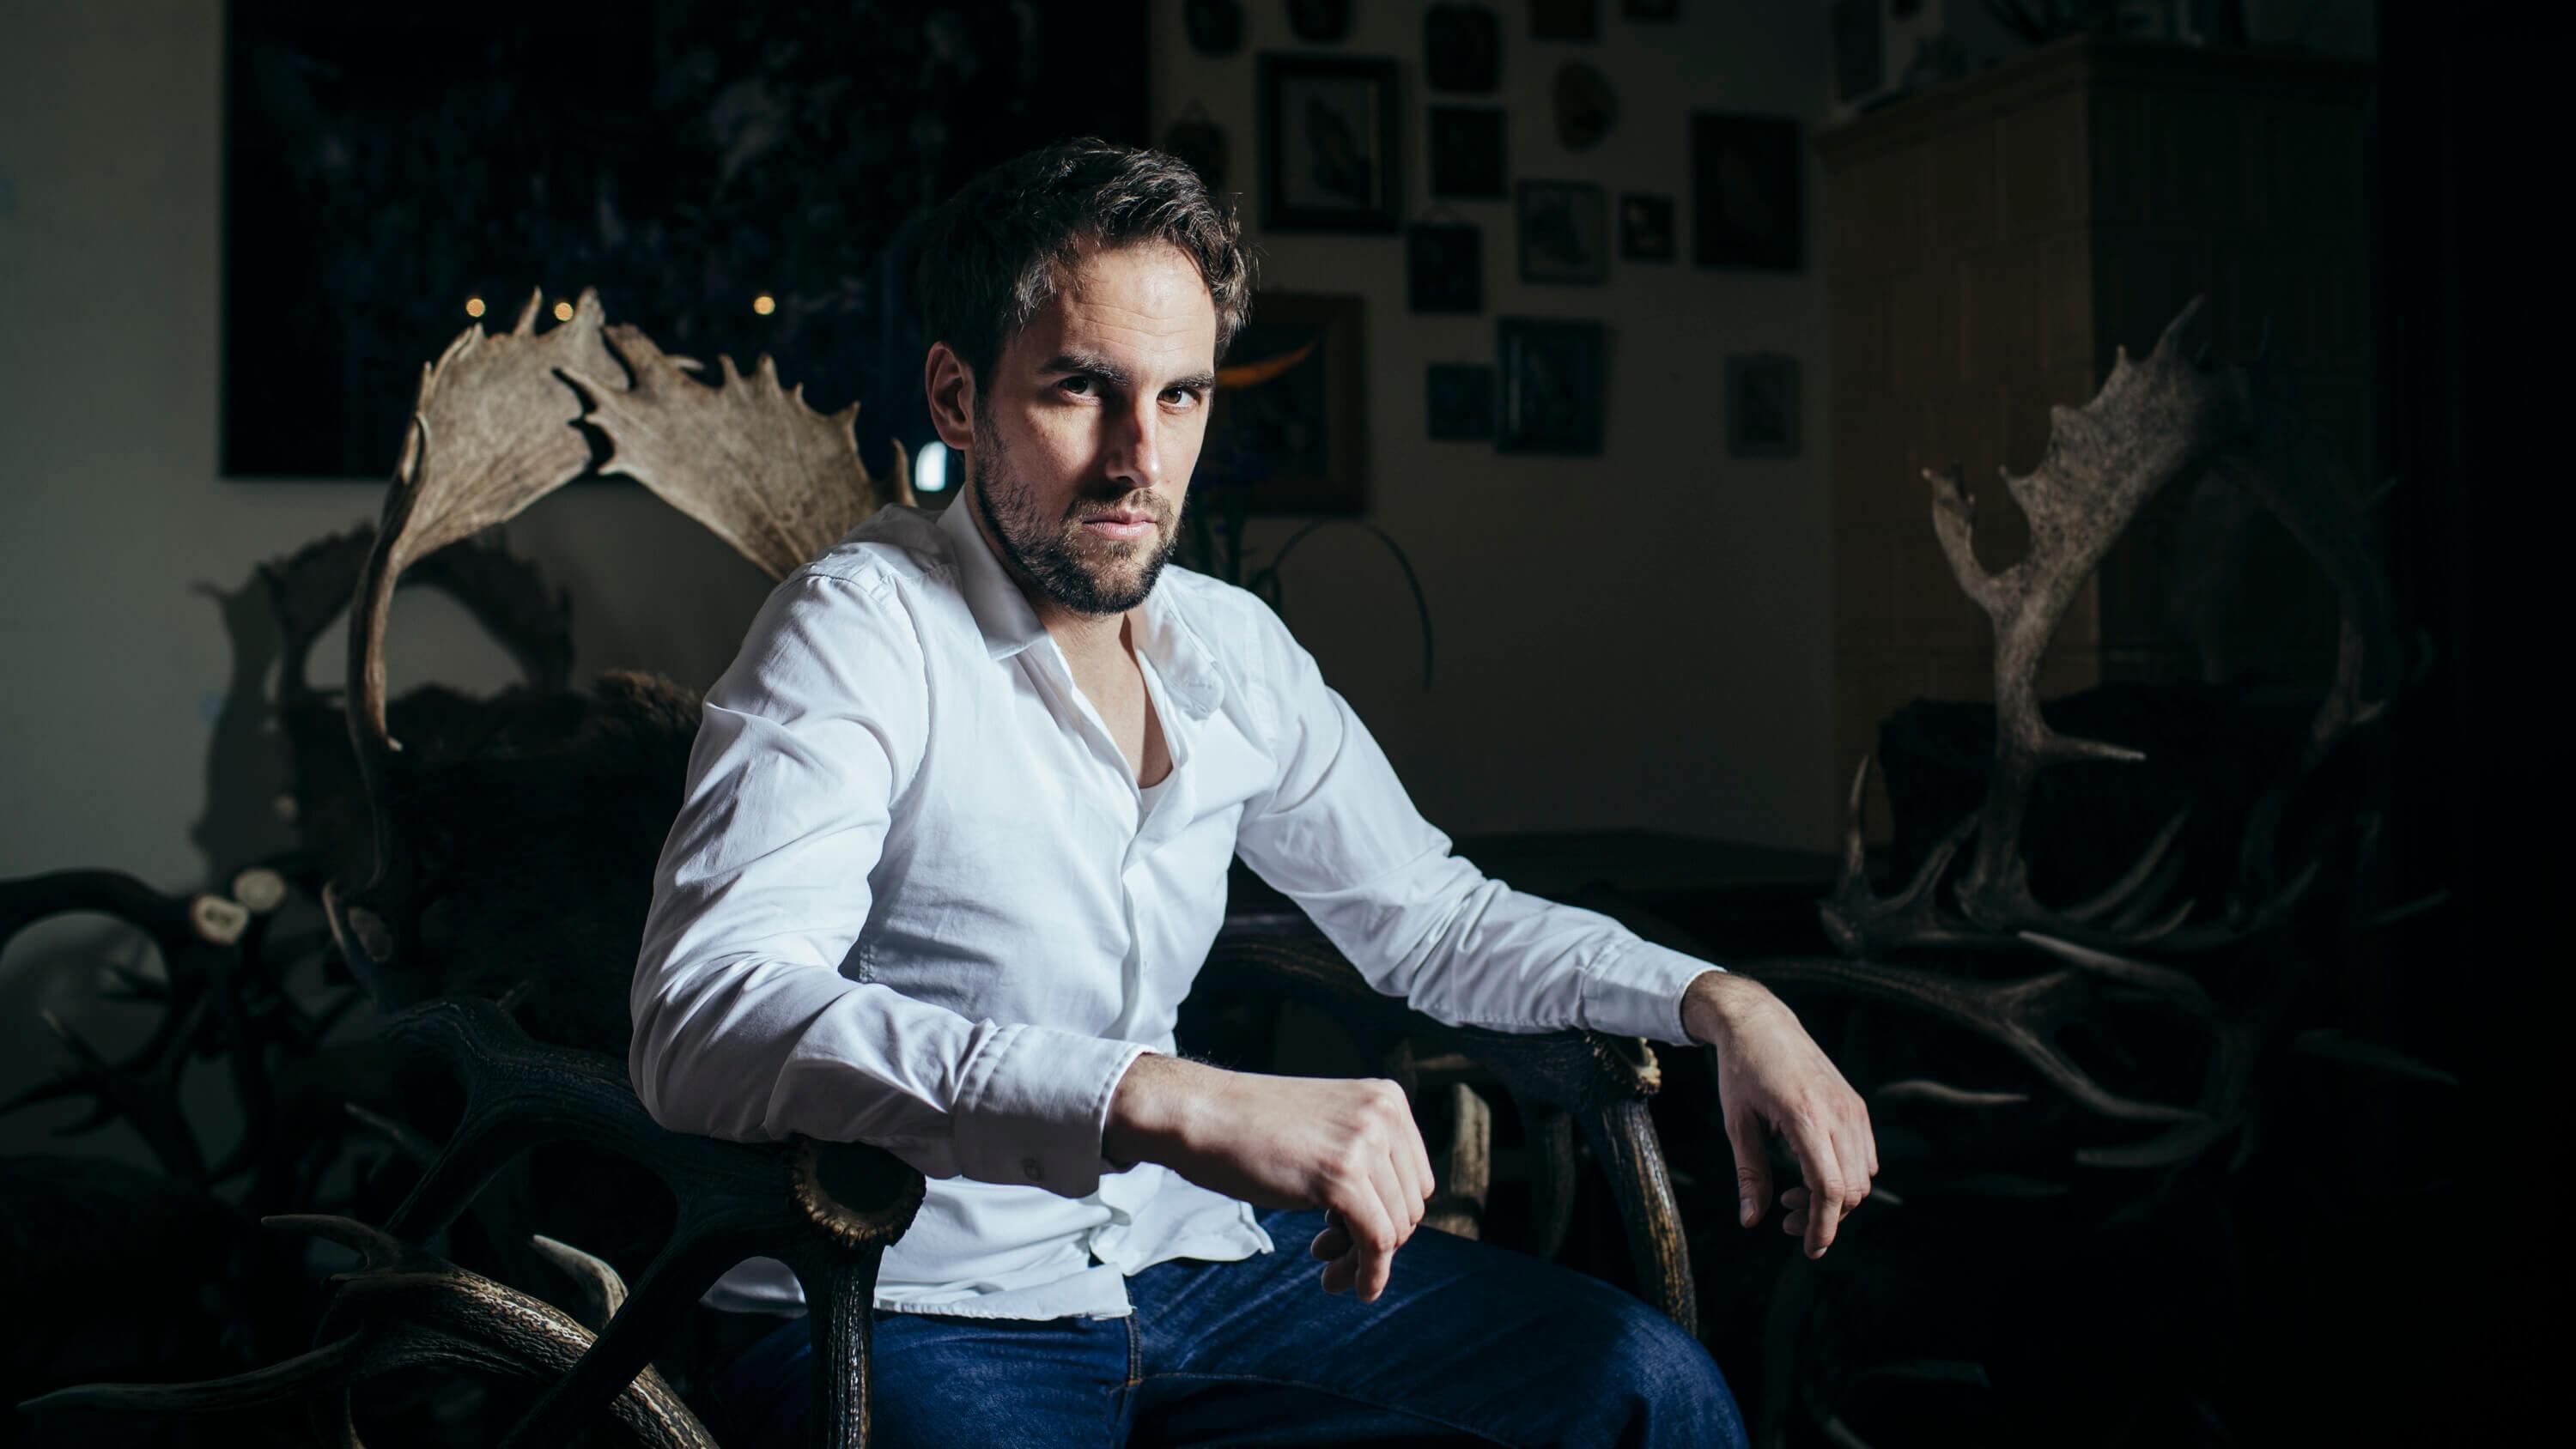 Jan Hasenfuss, Schauspieler, sitzt auf Hirschsessel